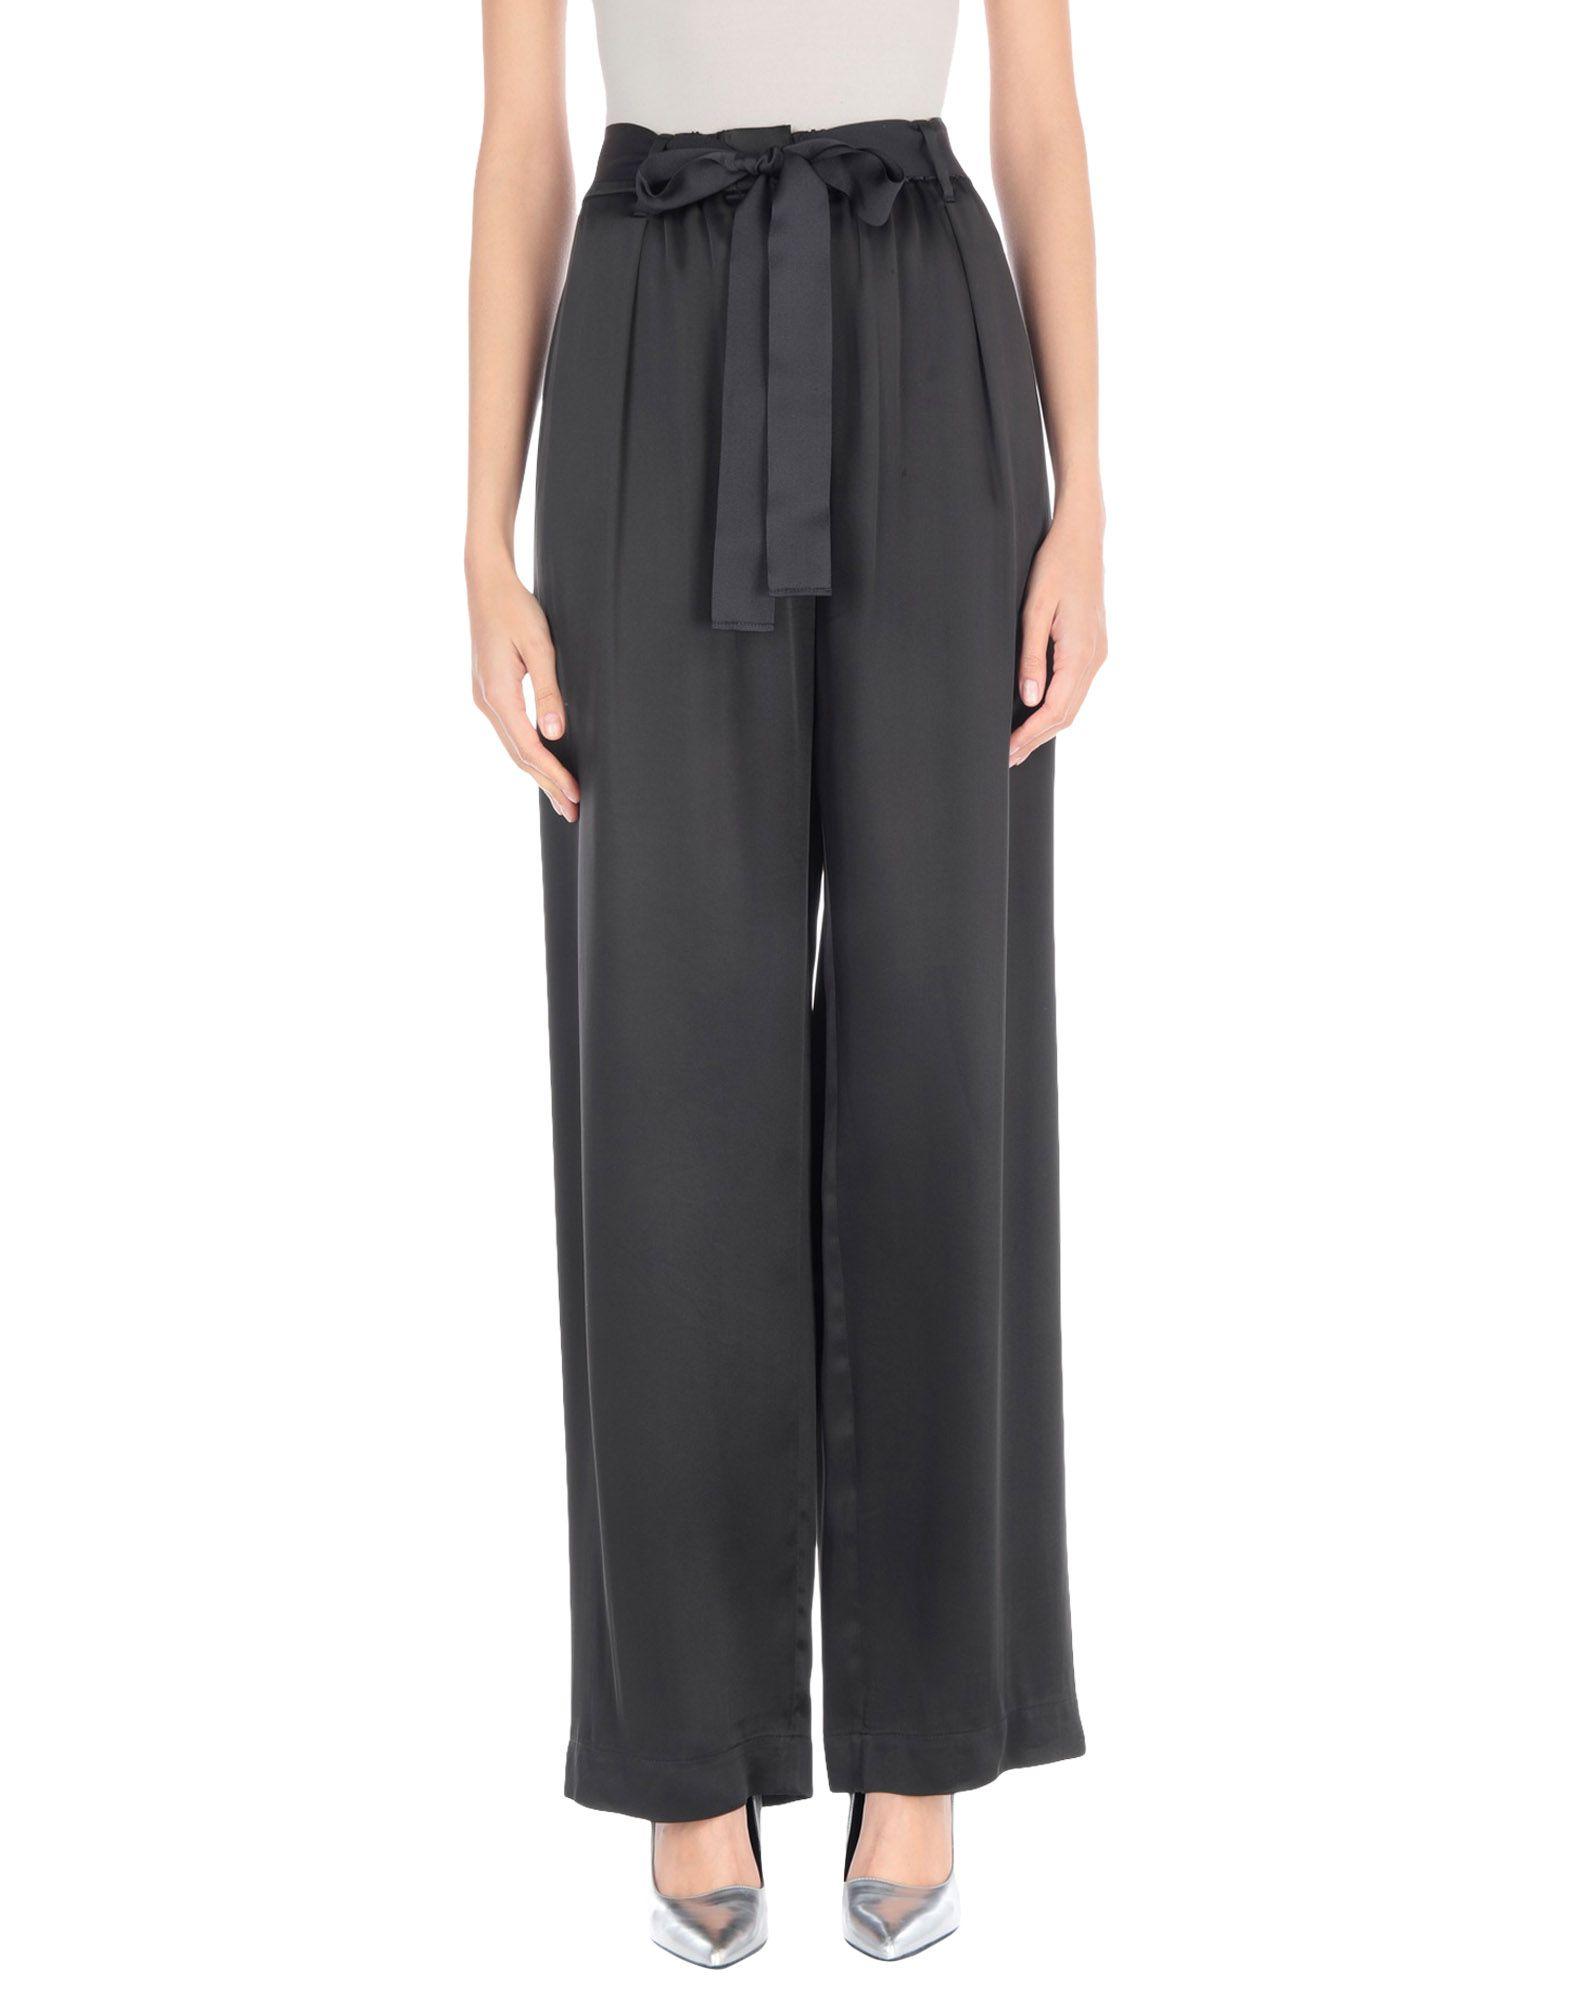 Pantalone Brunello Cucinelli Cucinelli donna - 13300312IB  bestes Angebot